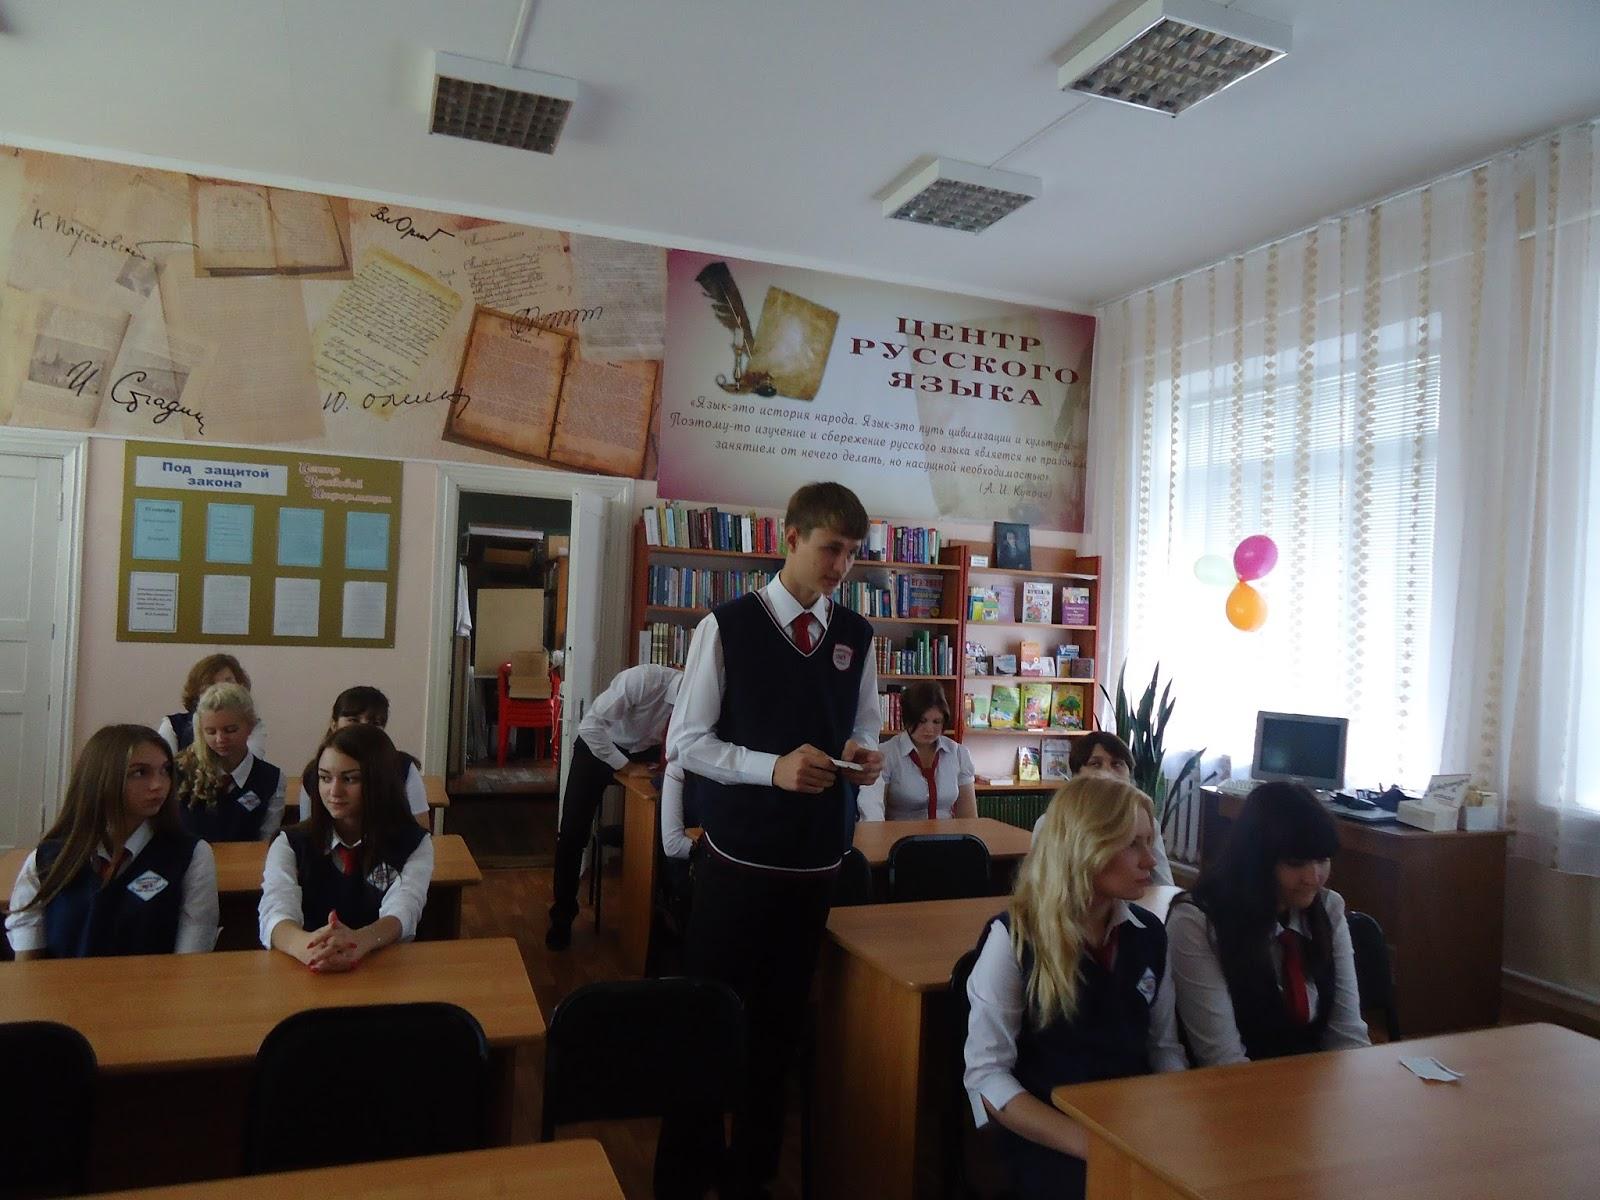 презентации фотографии о карасуке